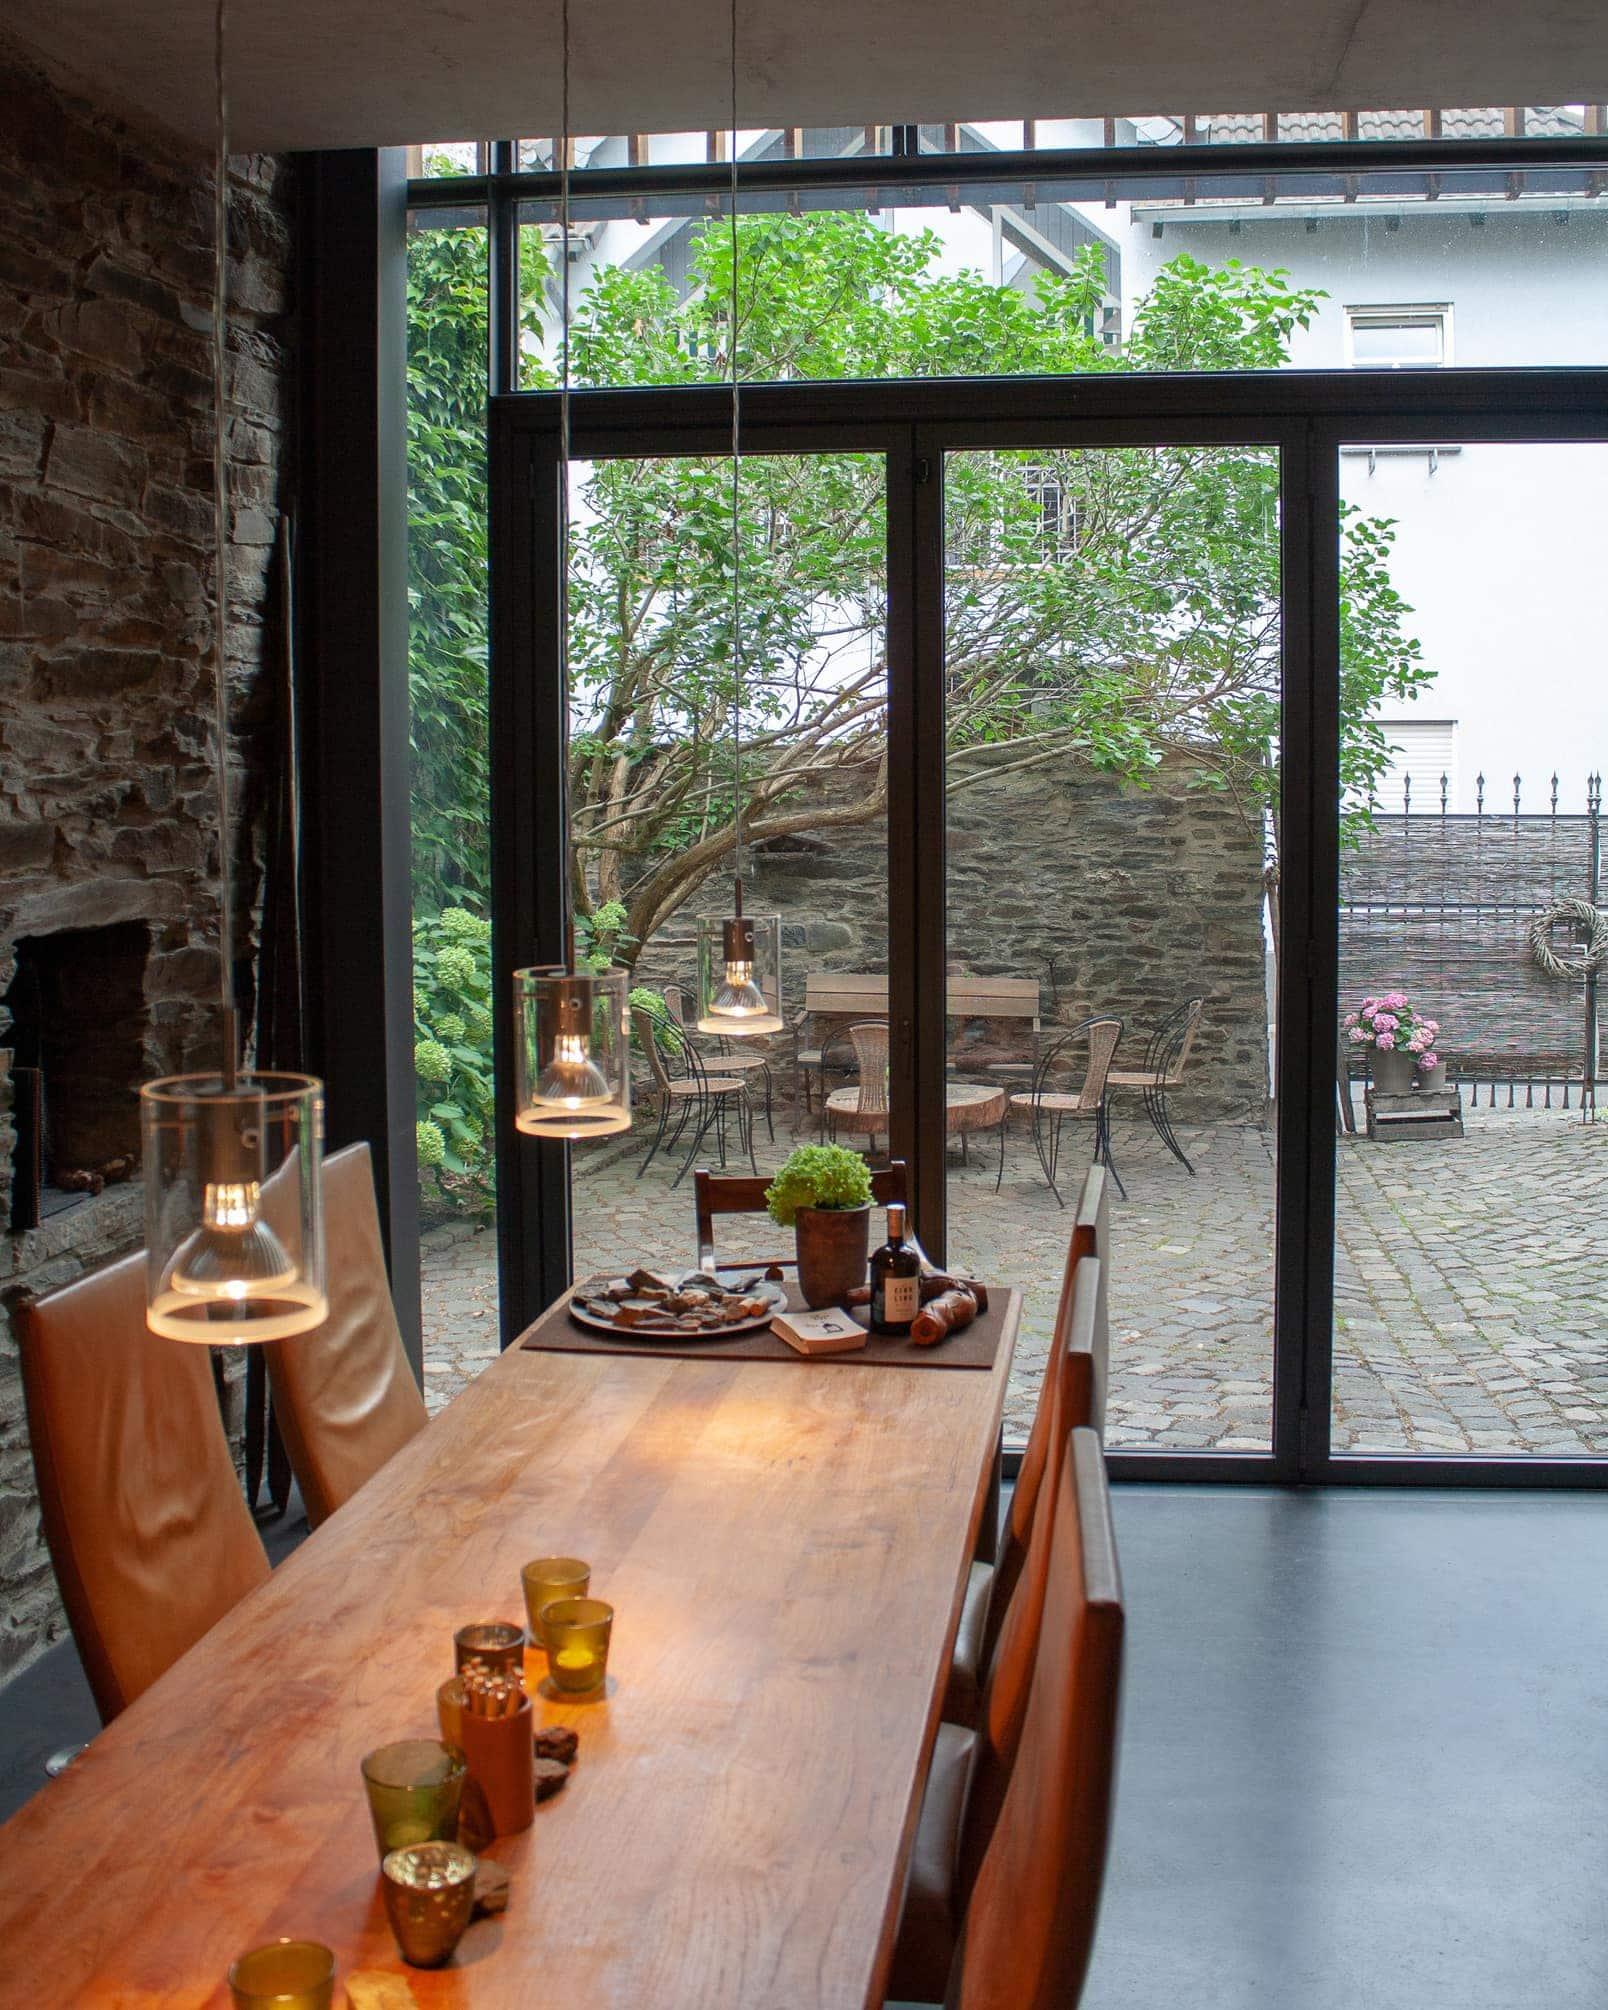 Tisch, Licht, Raum und Hof - eine perfekte Kombination